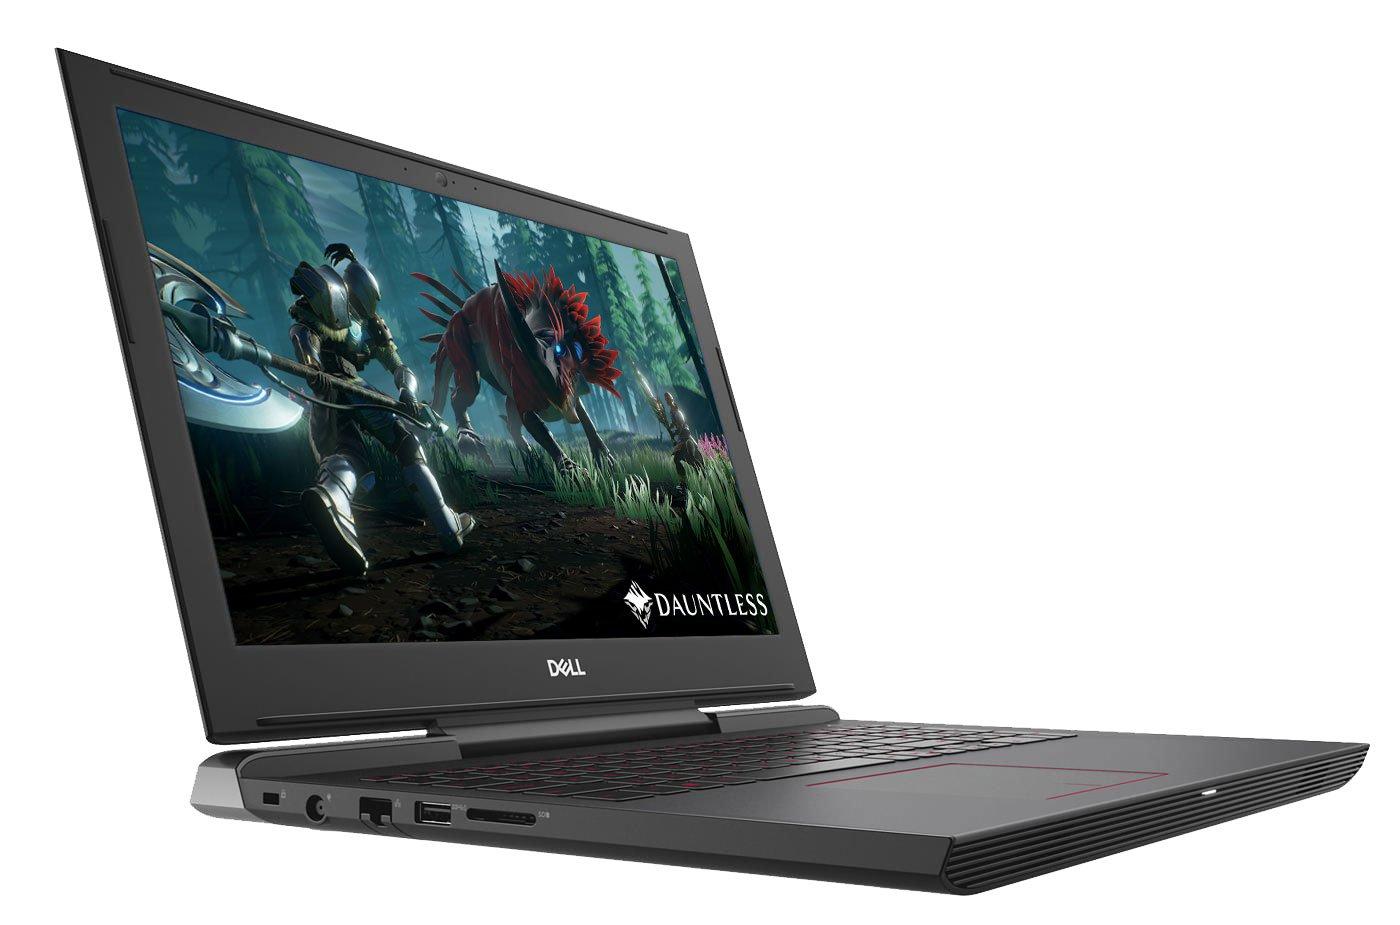 Dell Inspiron G5 Emocjonujący gaming z GeForce GTX 1050Ti